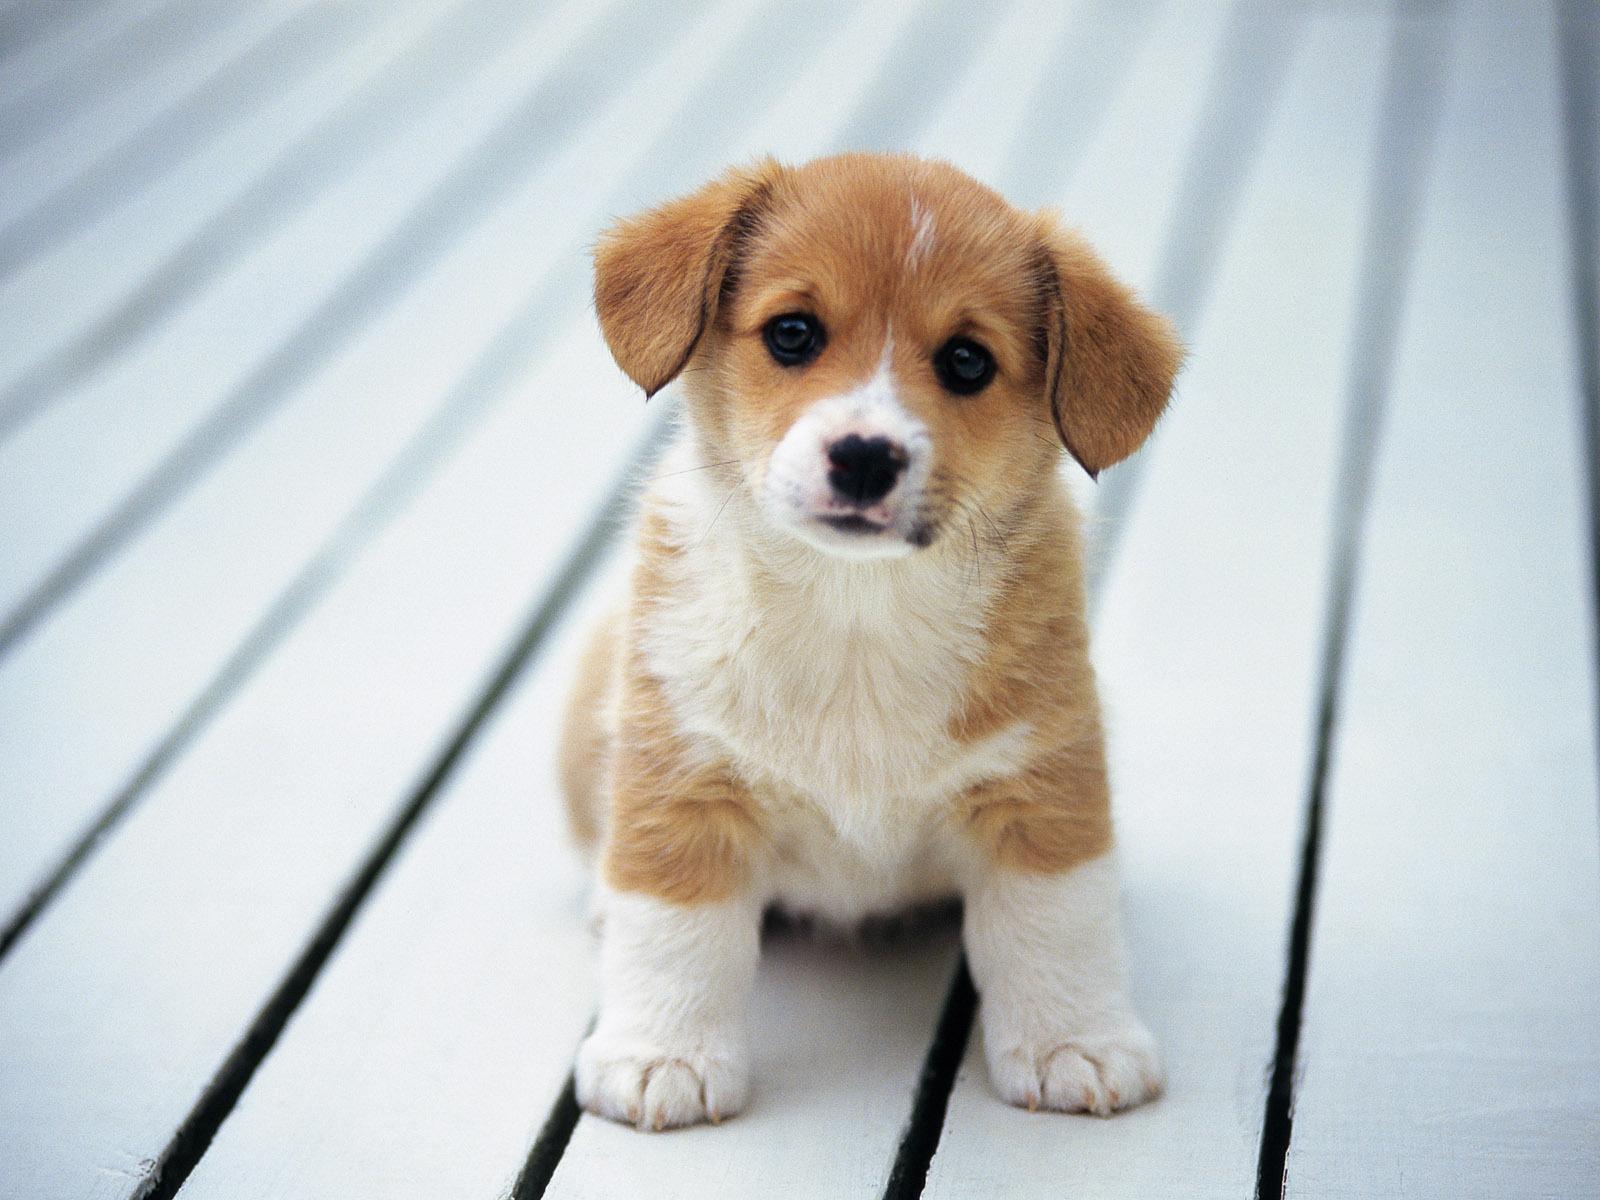 http://3.bp.blogspot.com/-Vzb7i0kmaSc/T_K86qnWI5I/AAAAAAAADnc/e14_cPx7nck/s1600/Puppy+wallpapers+7.jpg